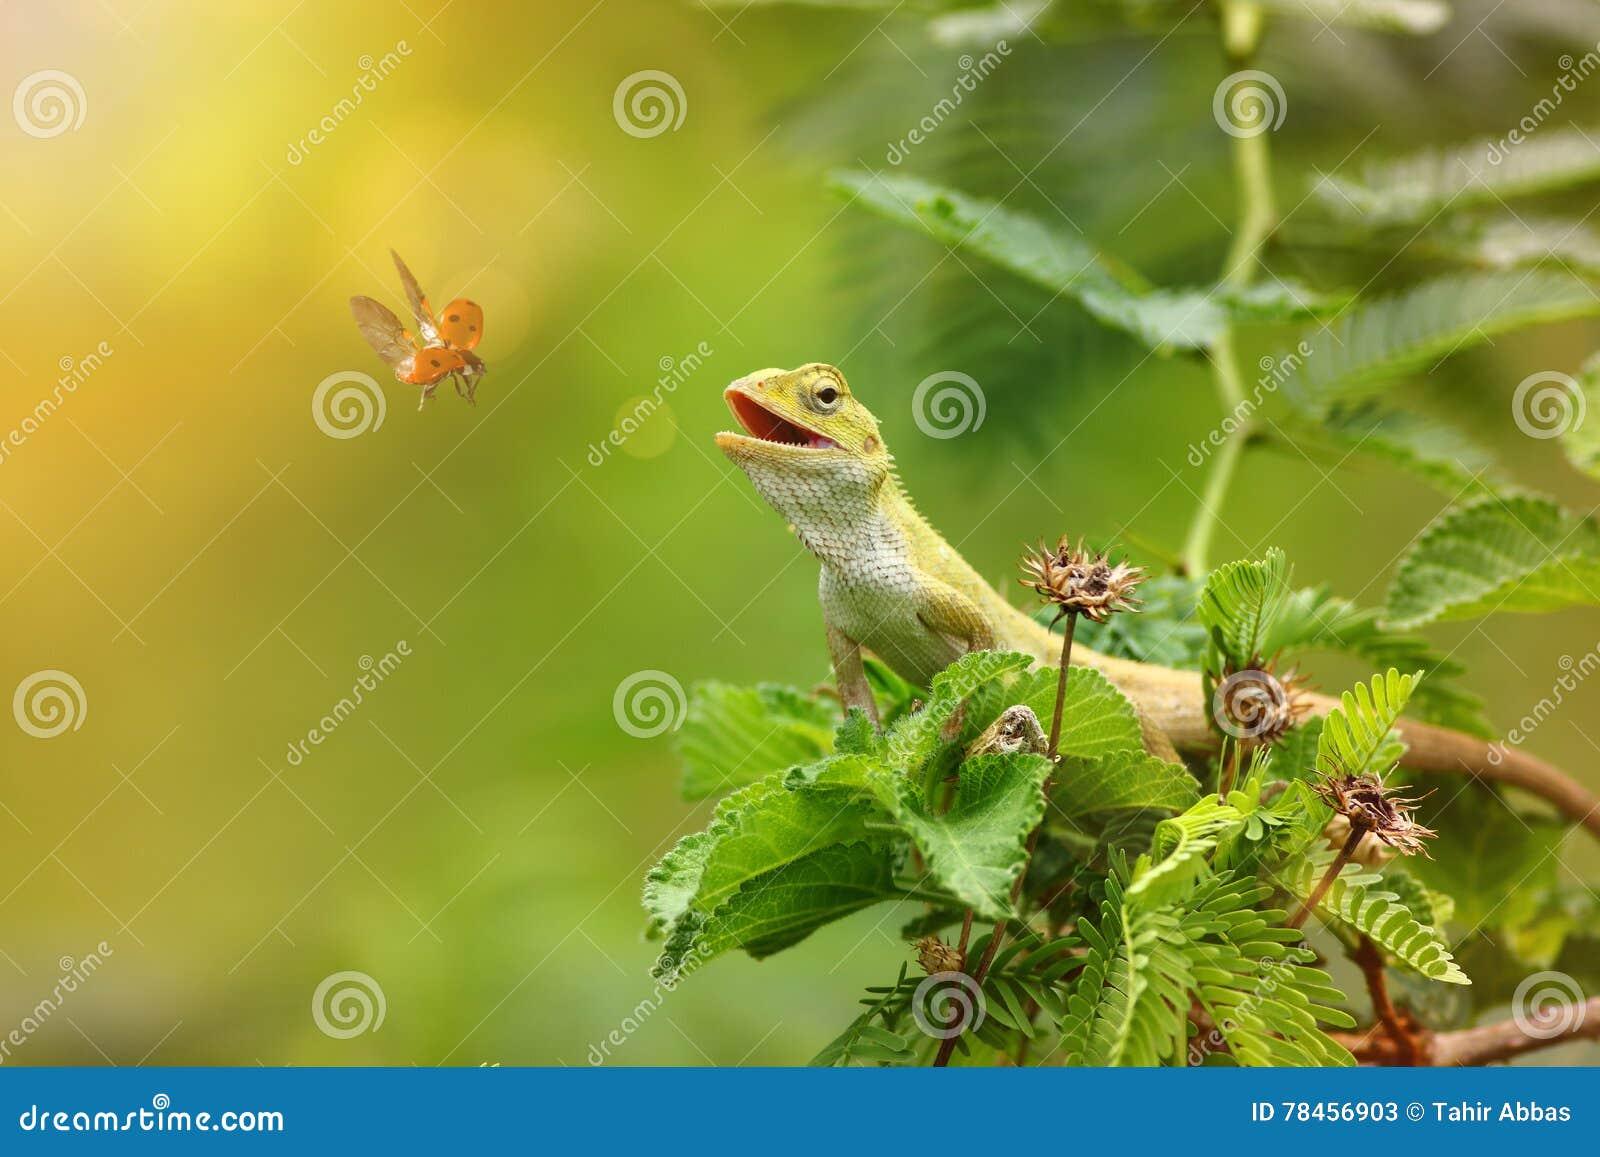 The garden lizard